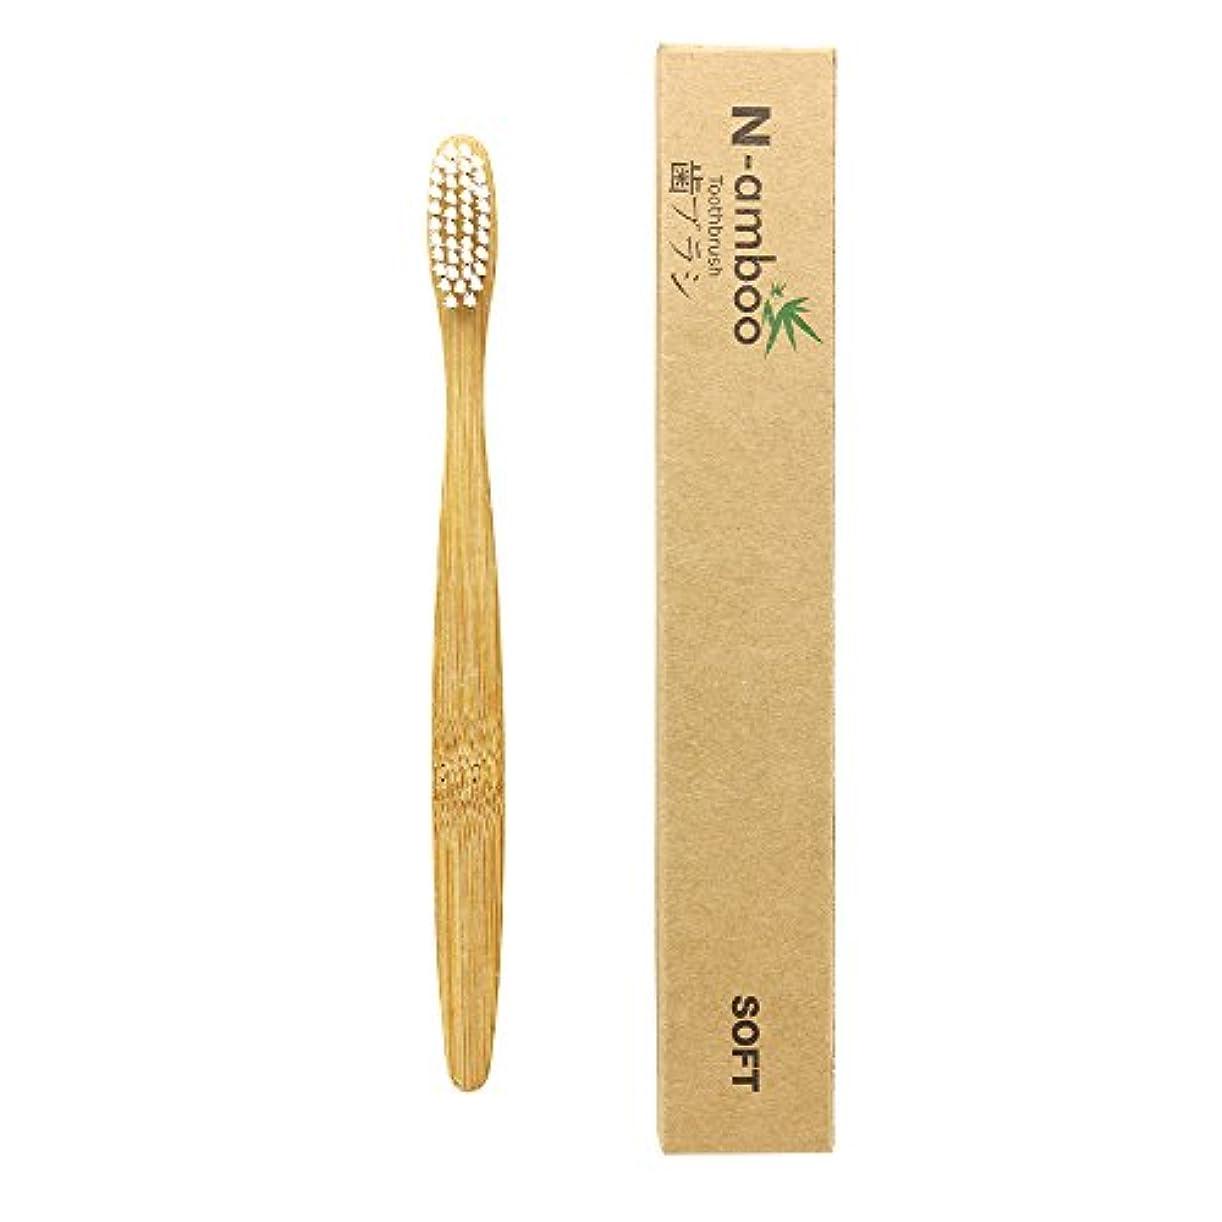 アラブサラボエミュレーション哲学博士N-amboo 竹製耐久度高い 歯ブラシ 白い 1本入り